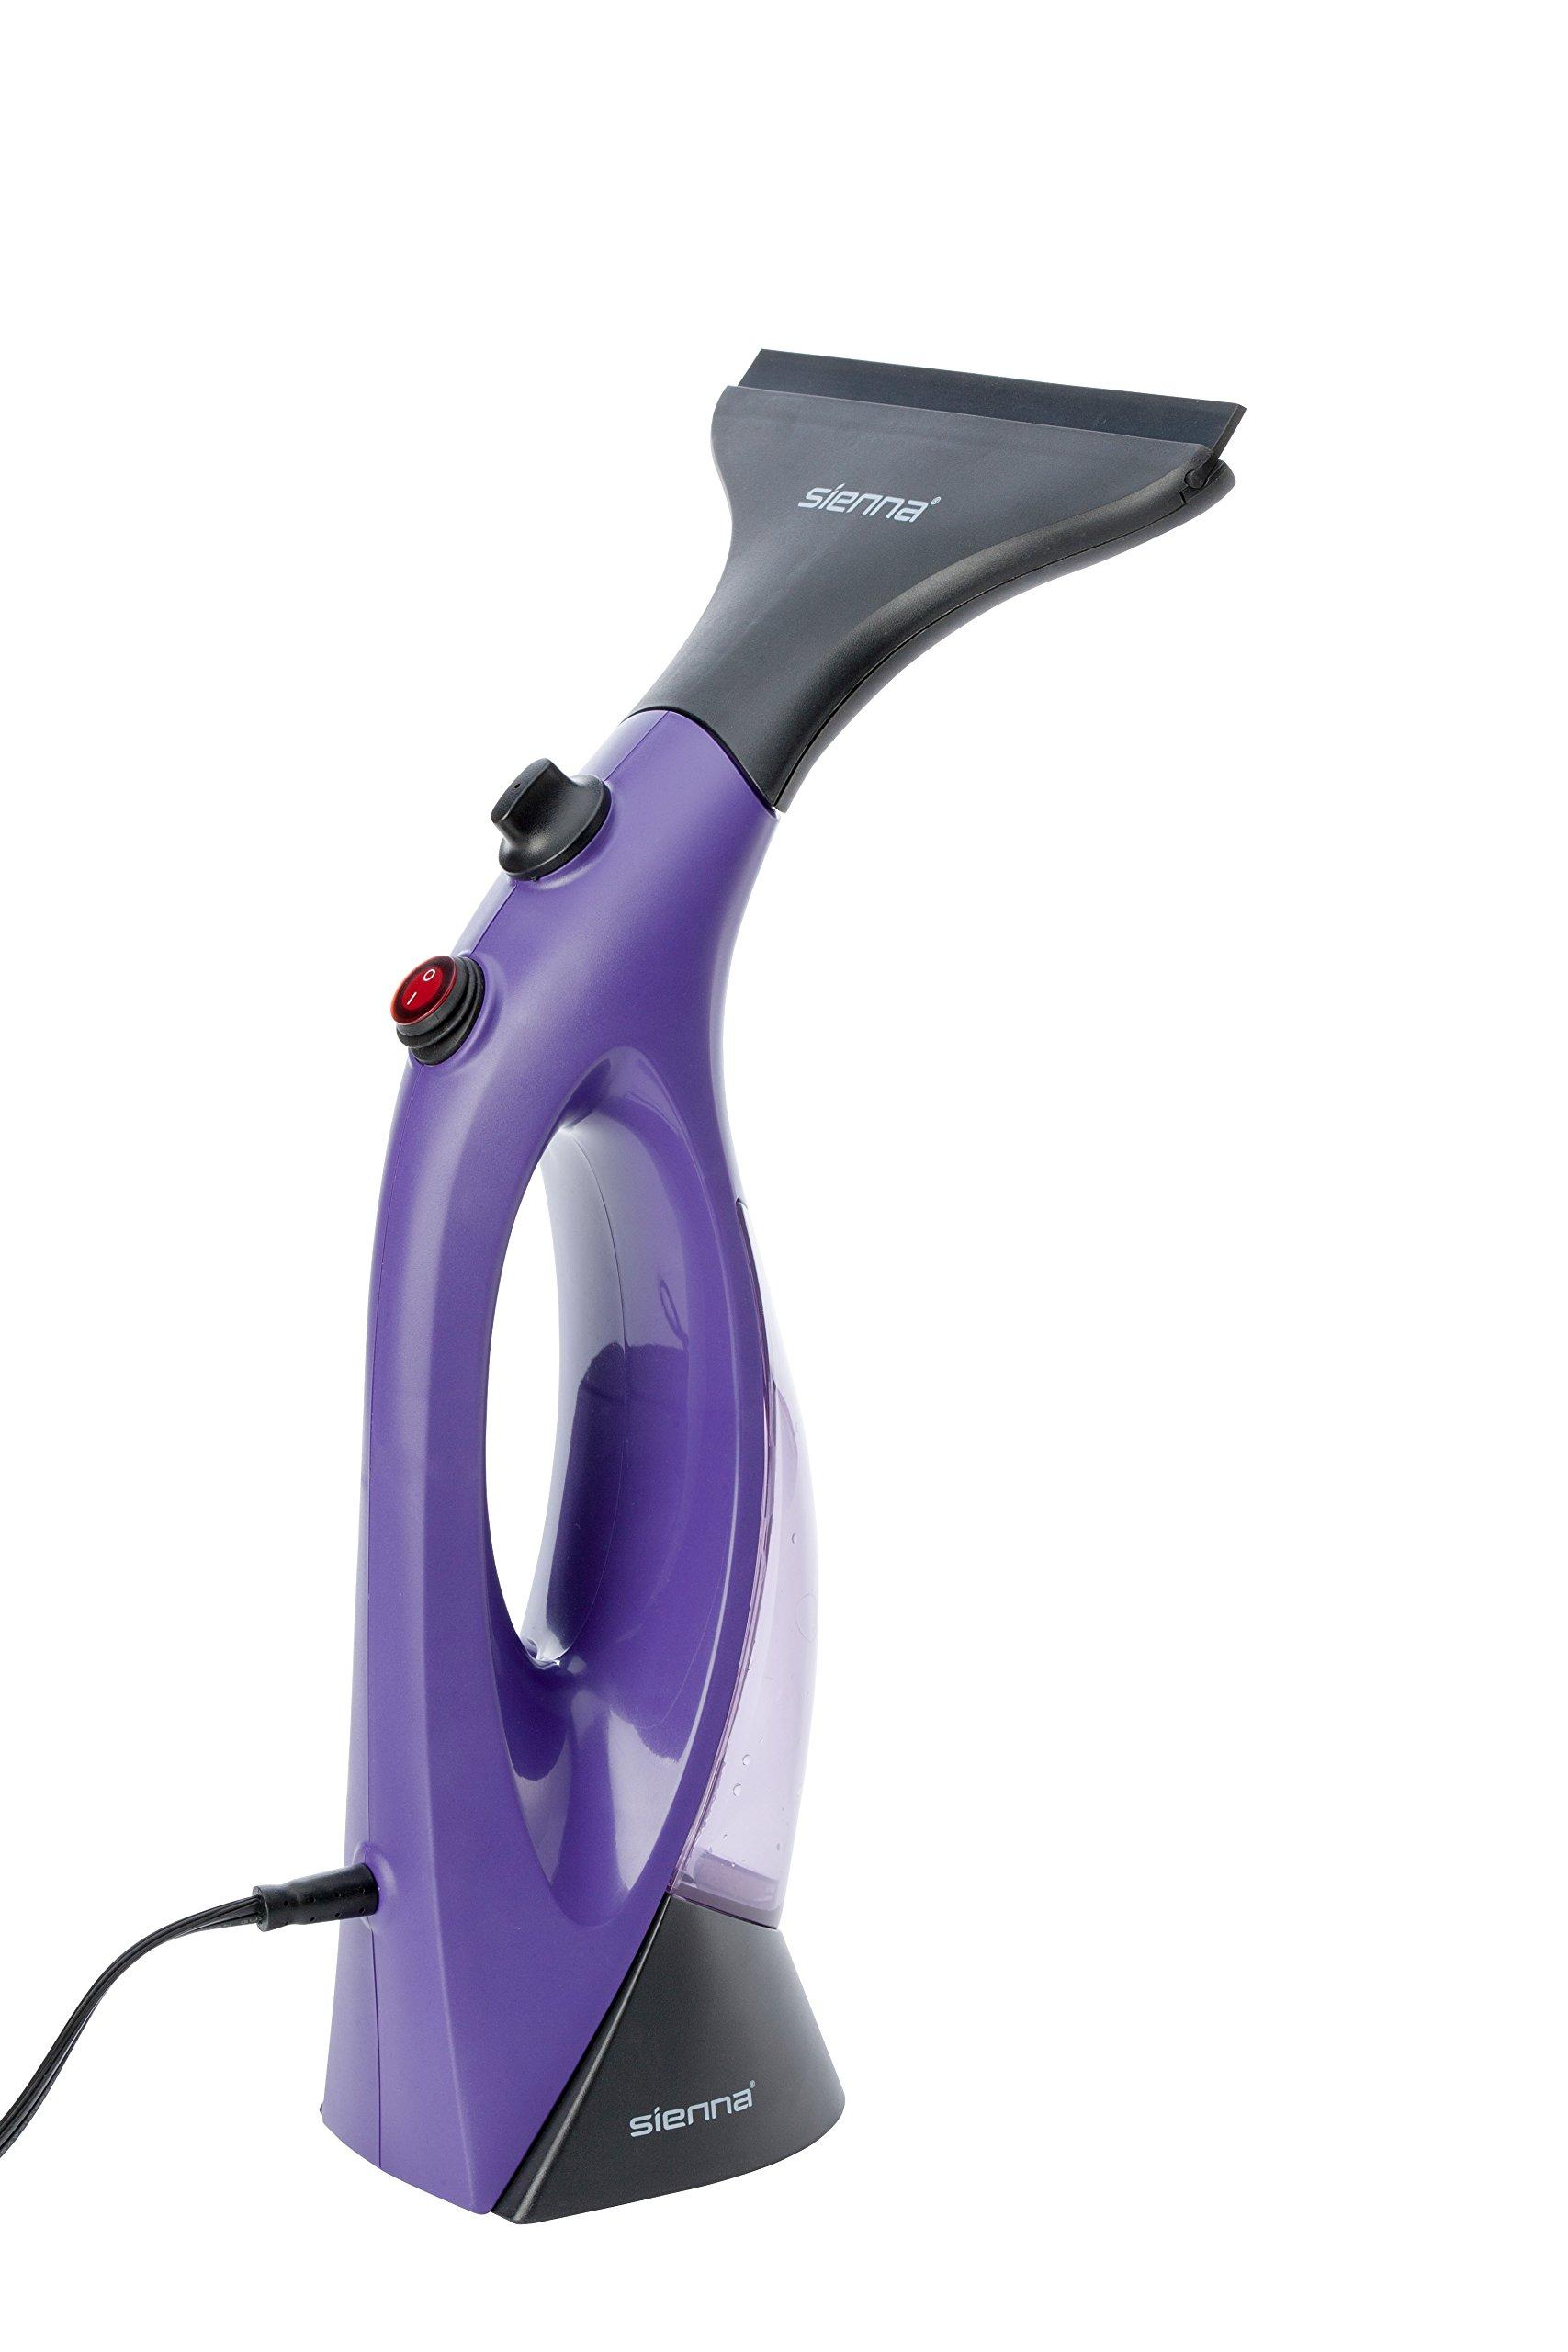 Sienna Visio SSC-1001 Multi-Use Steam Cleaner, Handheld Steam Cleaner, Portable Steam Cleaner, Window Steam Cleaner Window Cleaner, Squeegee, Microwave Cleaner, Stove Cleaner, Refrigerator Cleaner